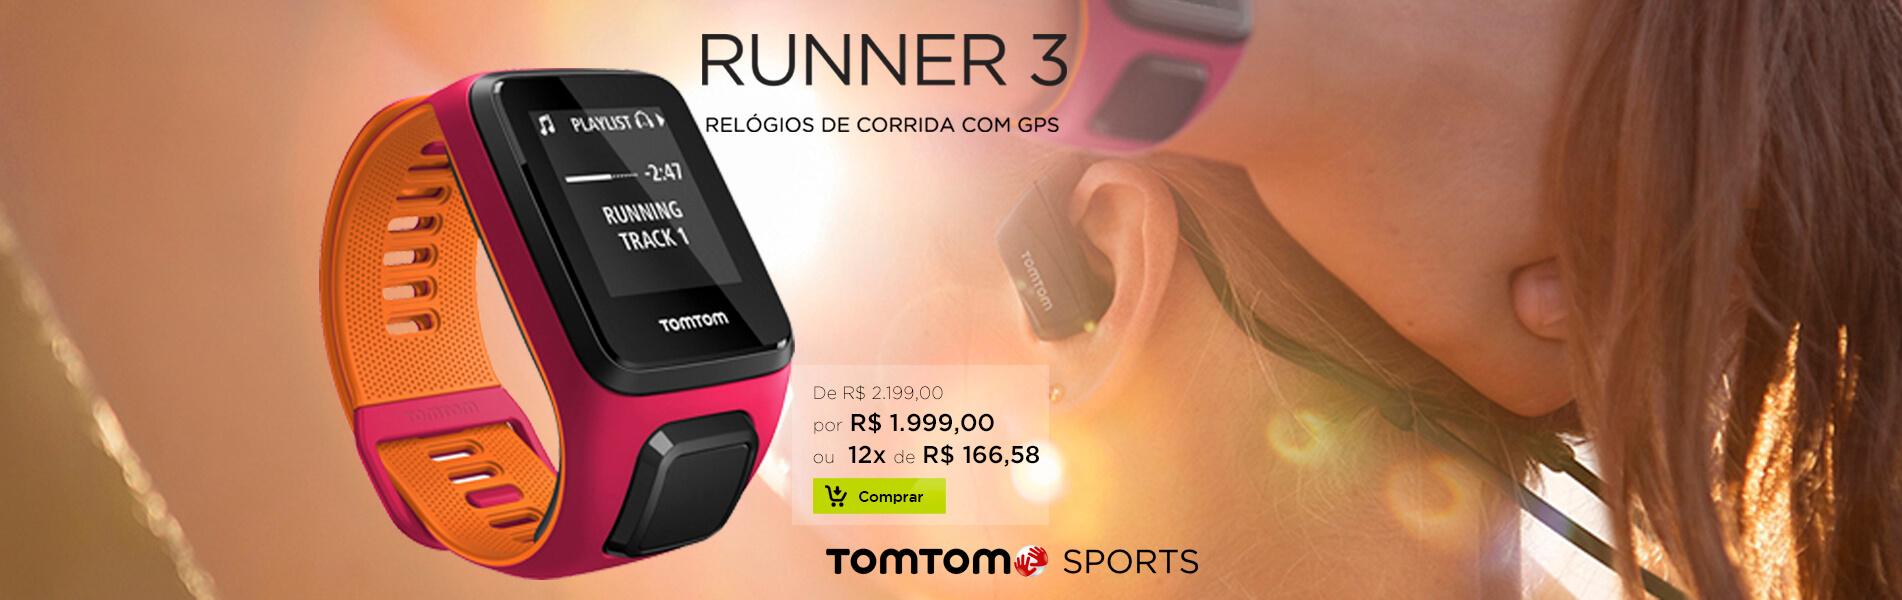 Runner 3 Rosa